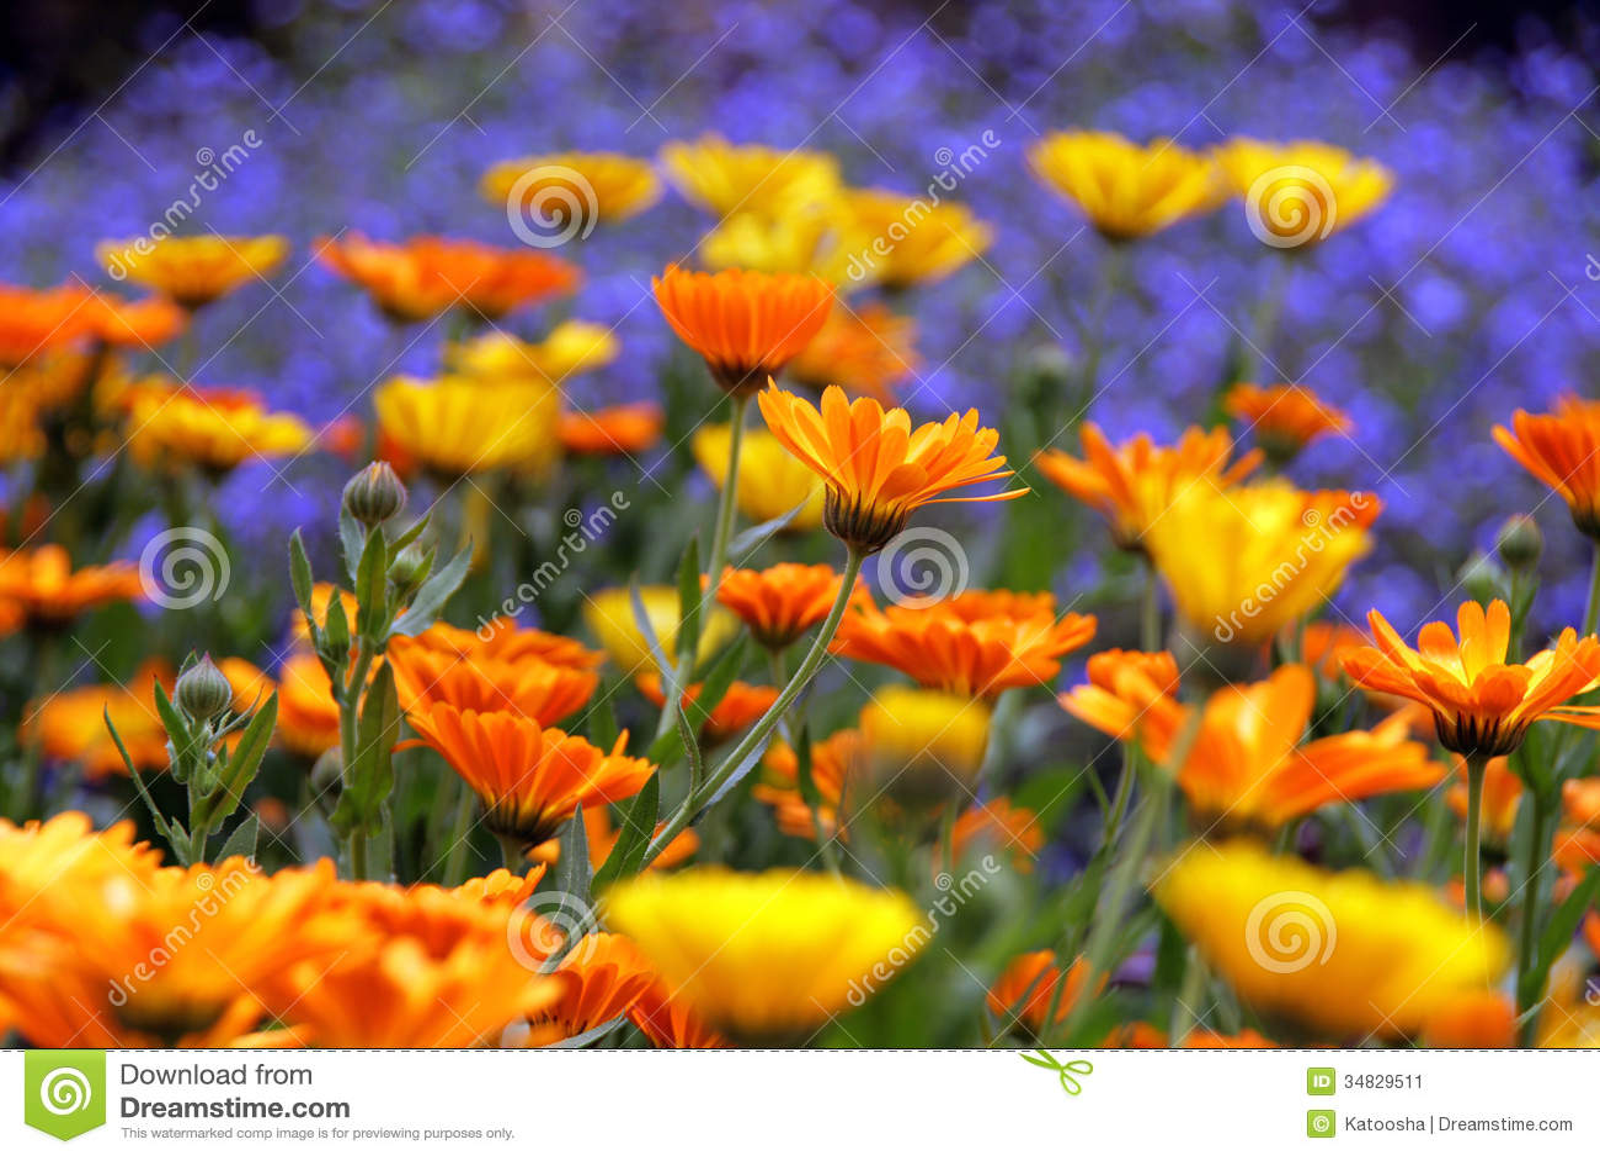 flower garden stock image. image of up, leaves, blossom - 34829511